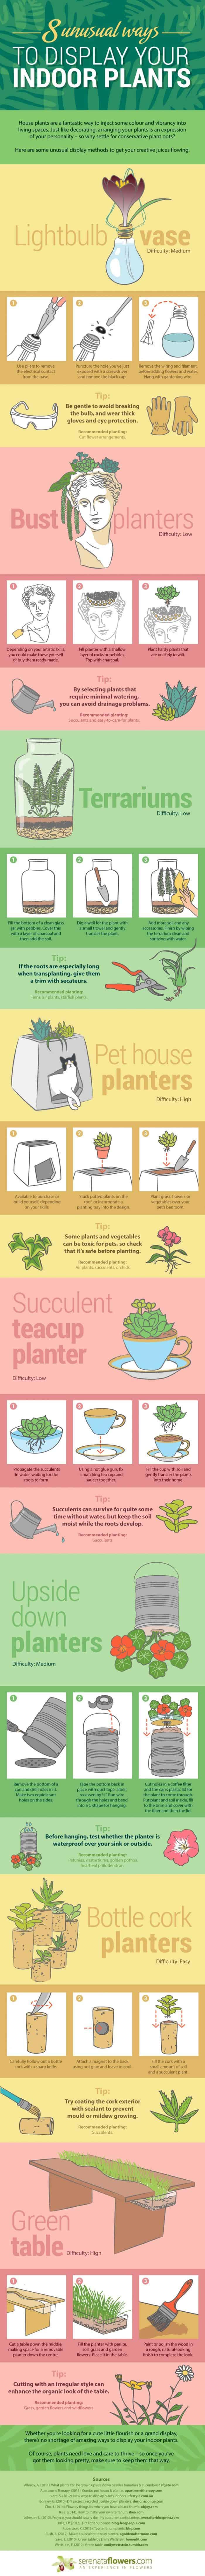 unusual houseplant ideas infographic